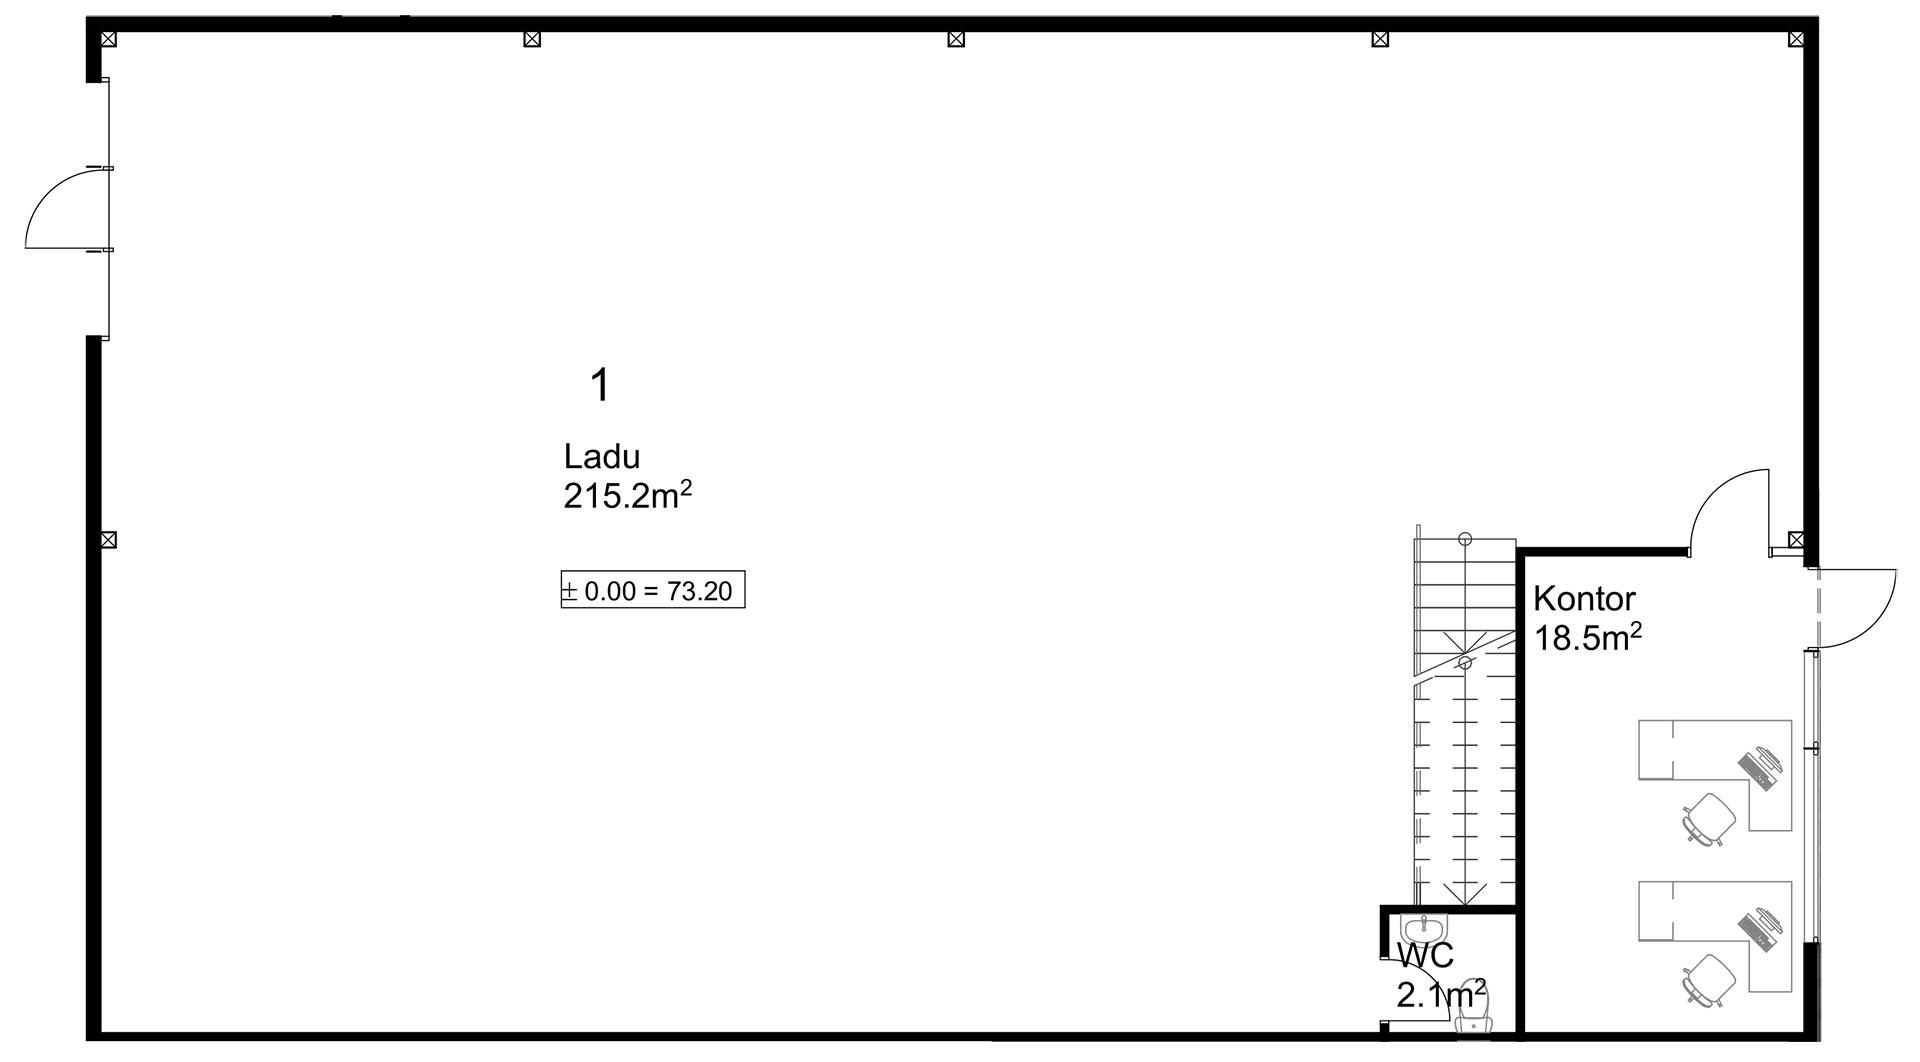 Rendi-X ladu 1 esimene korrus